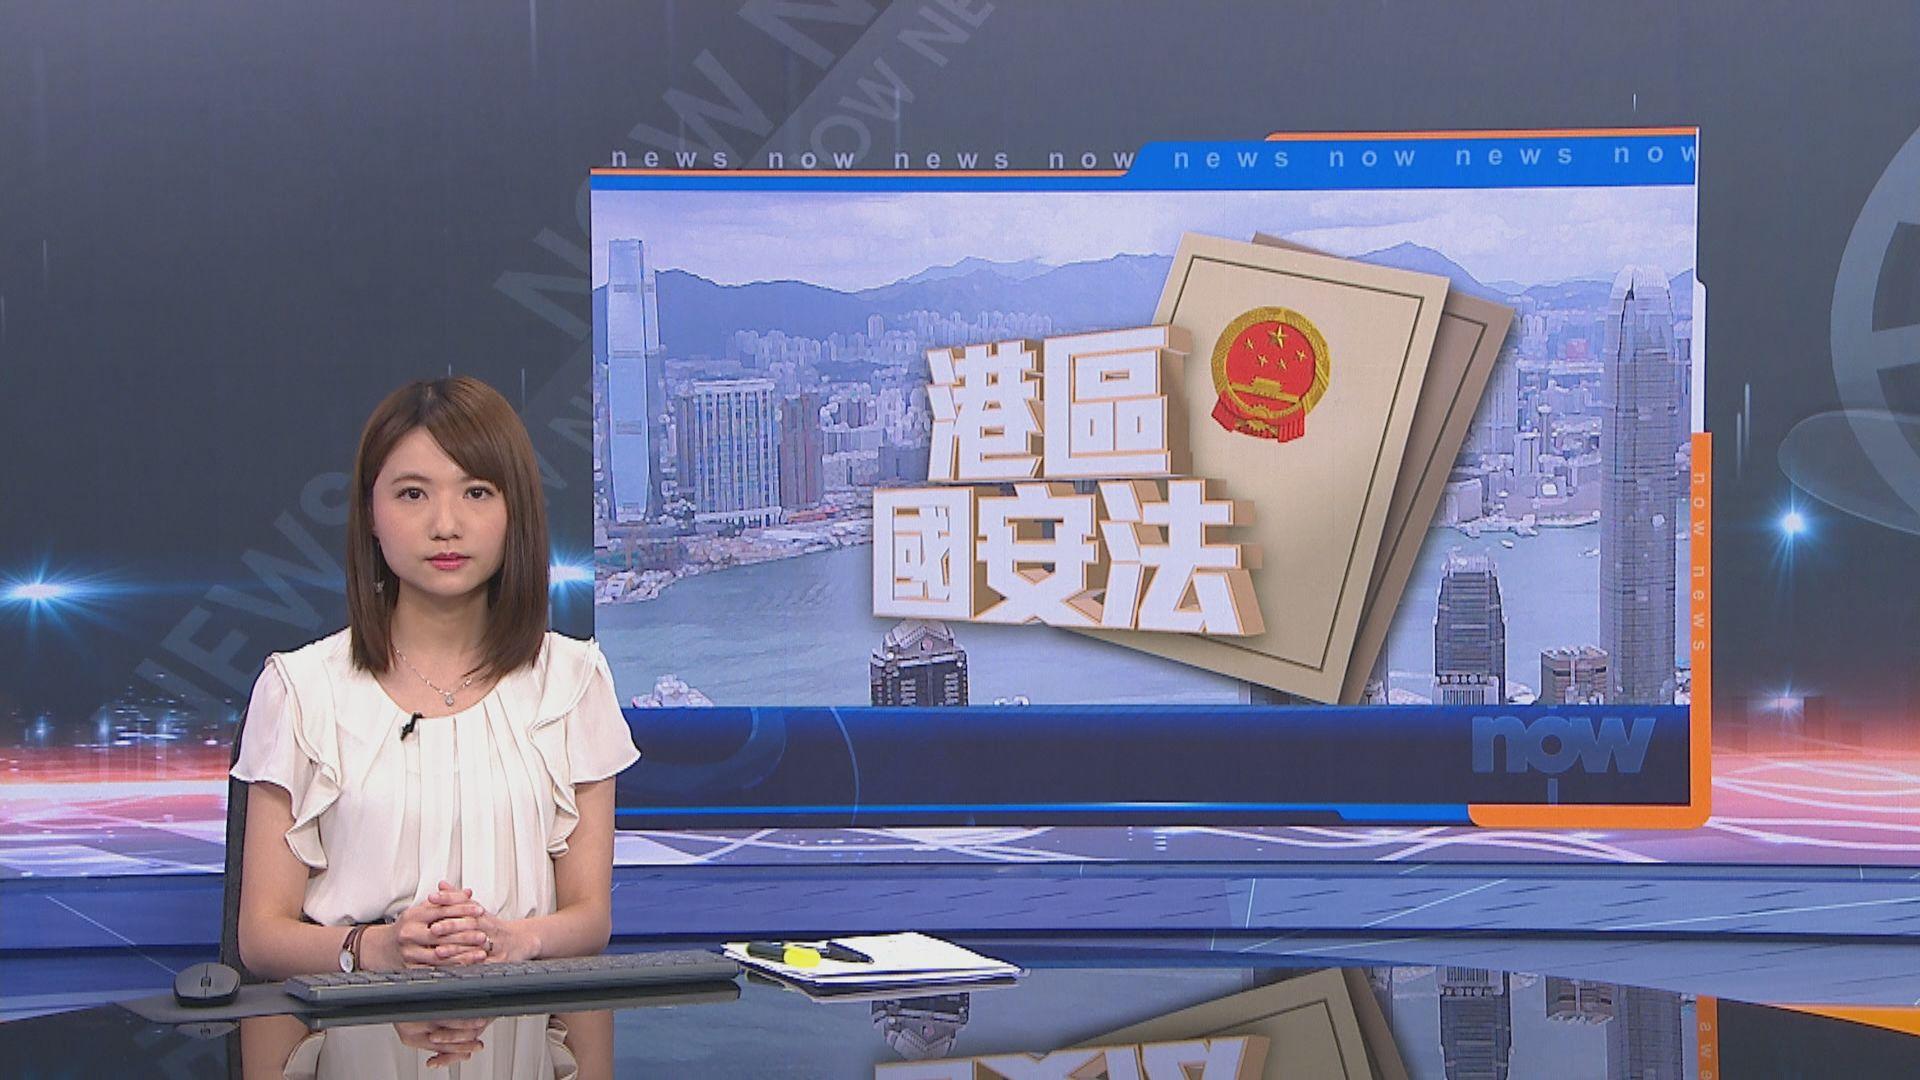 美國國家安全委員會:會採取強硬措施 對付危害香港自由及自治的人